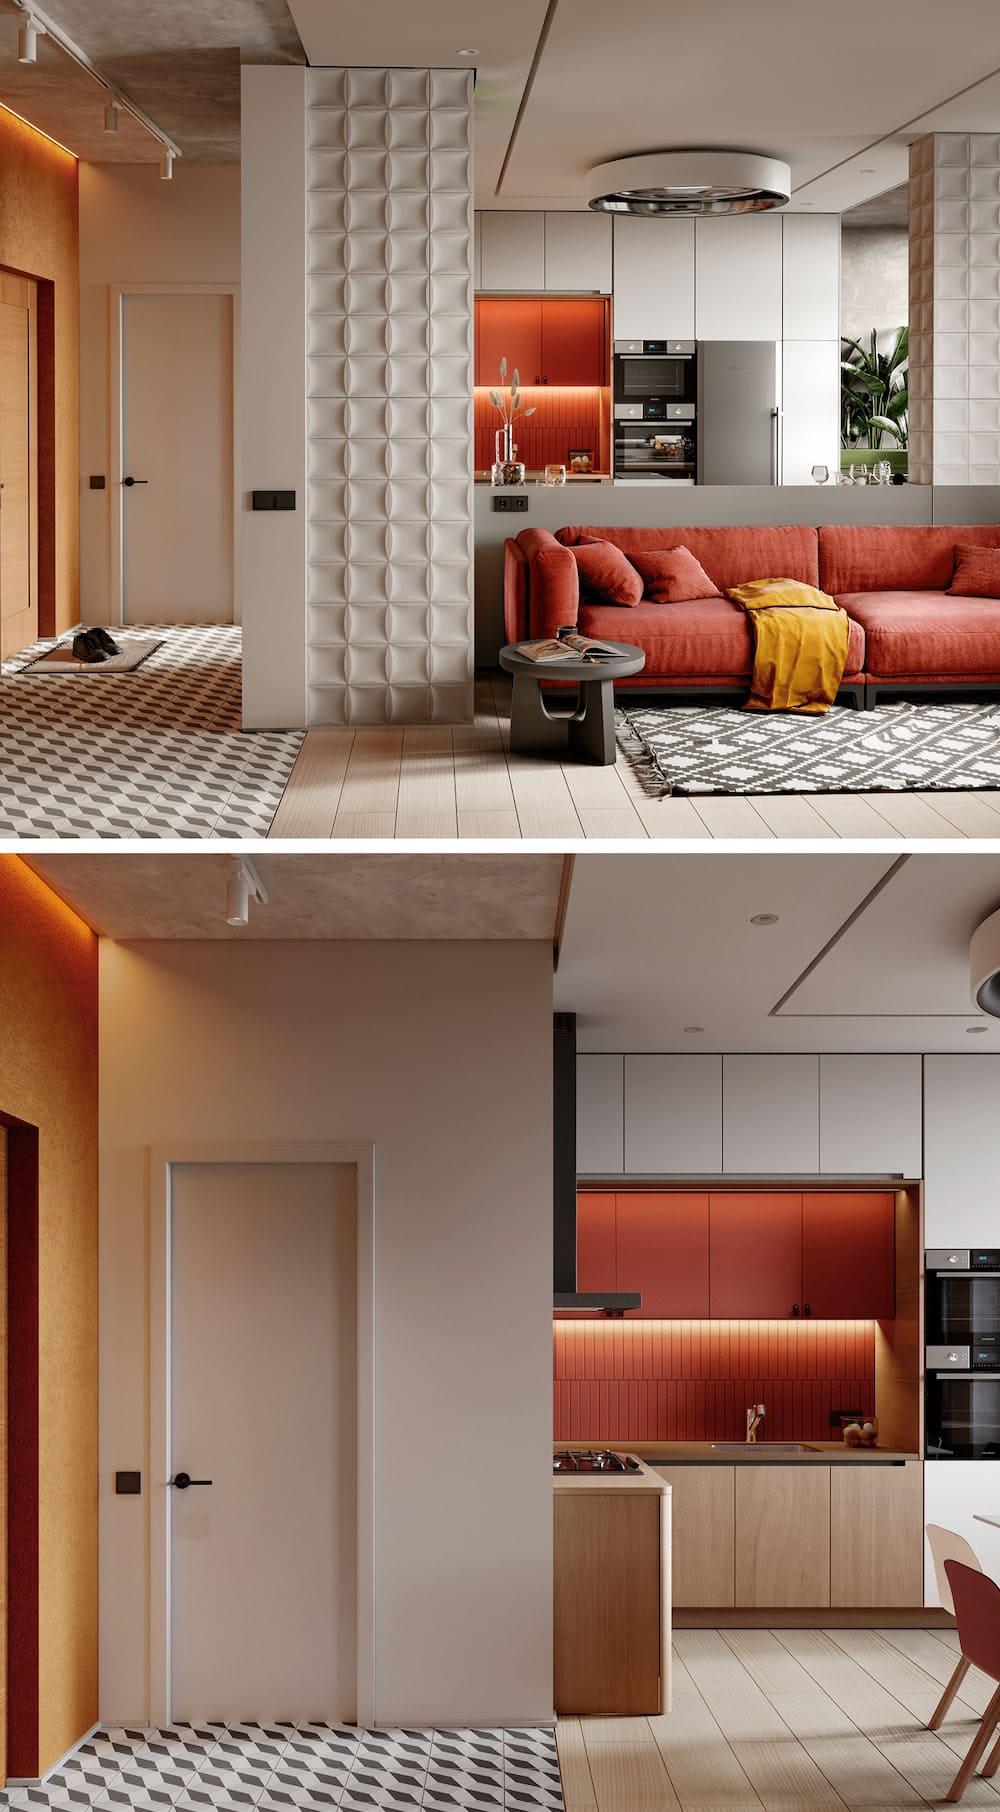 гостиная идеи дизайна 21